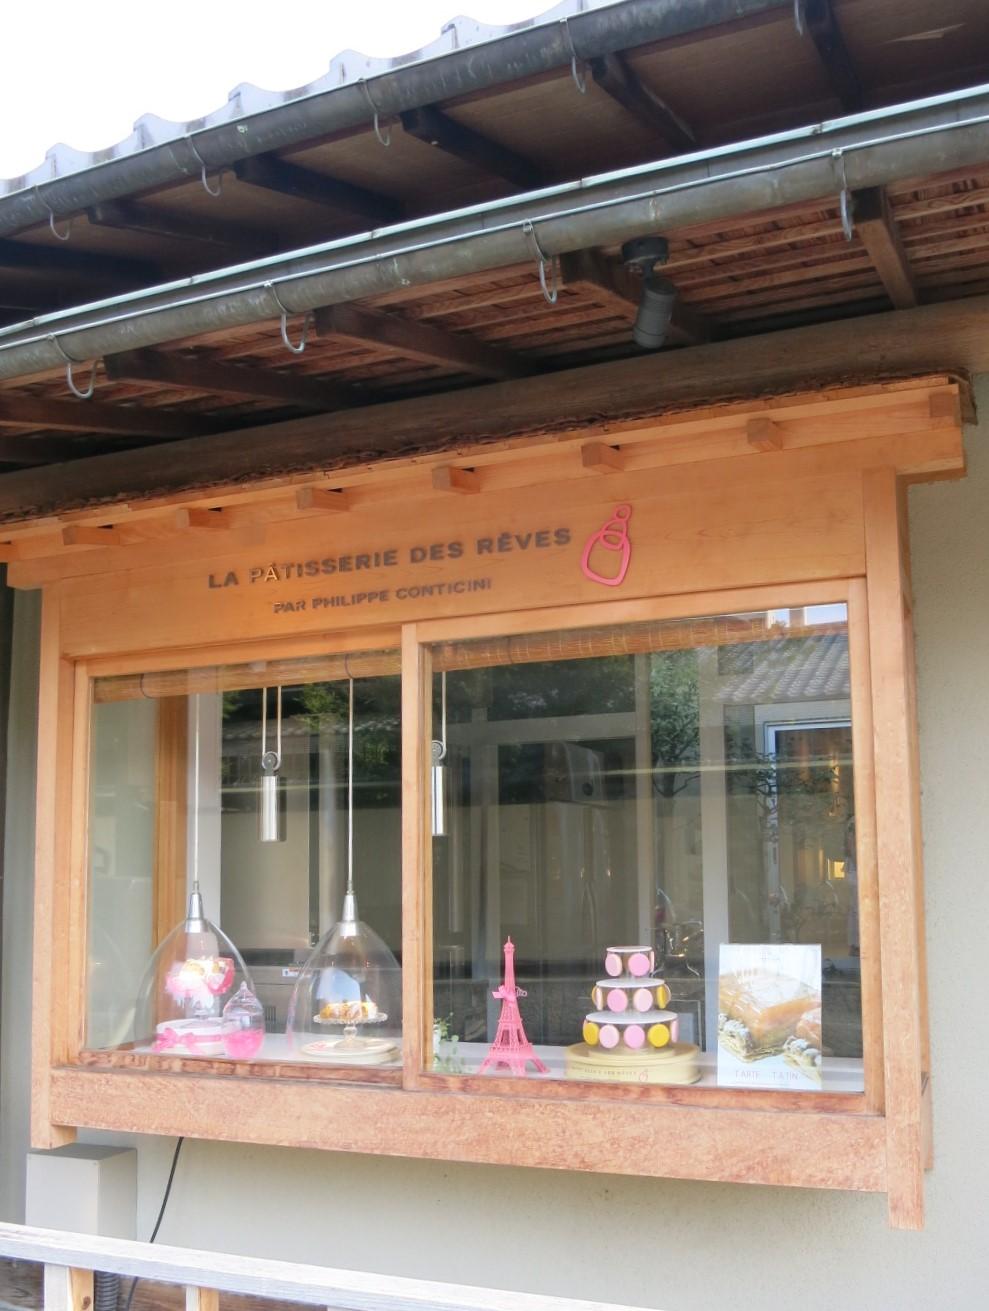 京都で朝活③ 京洋菓子司ジュヴァンセル*スイーツカフェ_f0236260_13292169.jpg